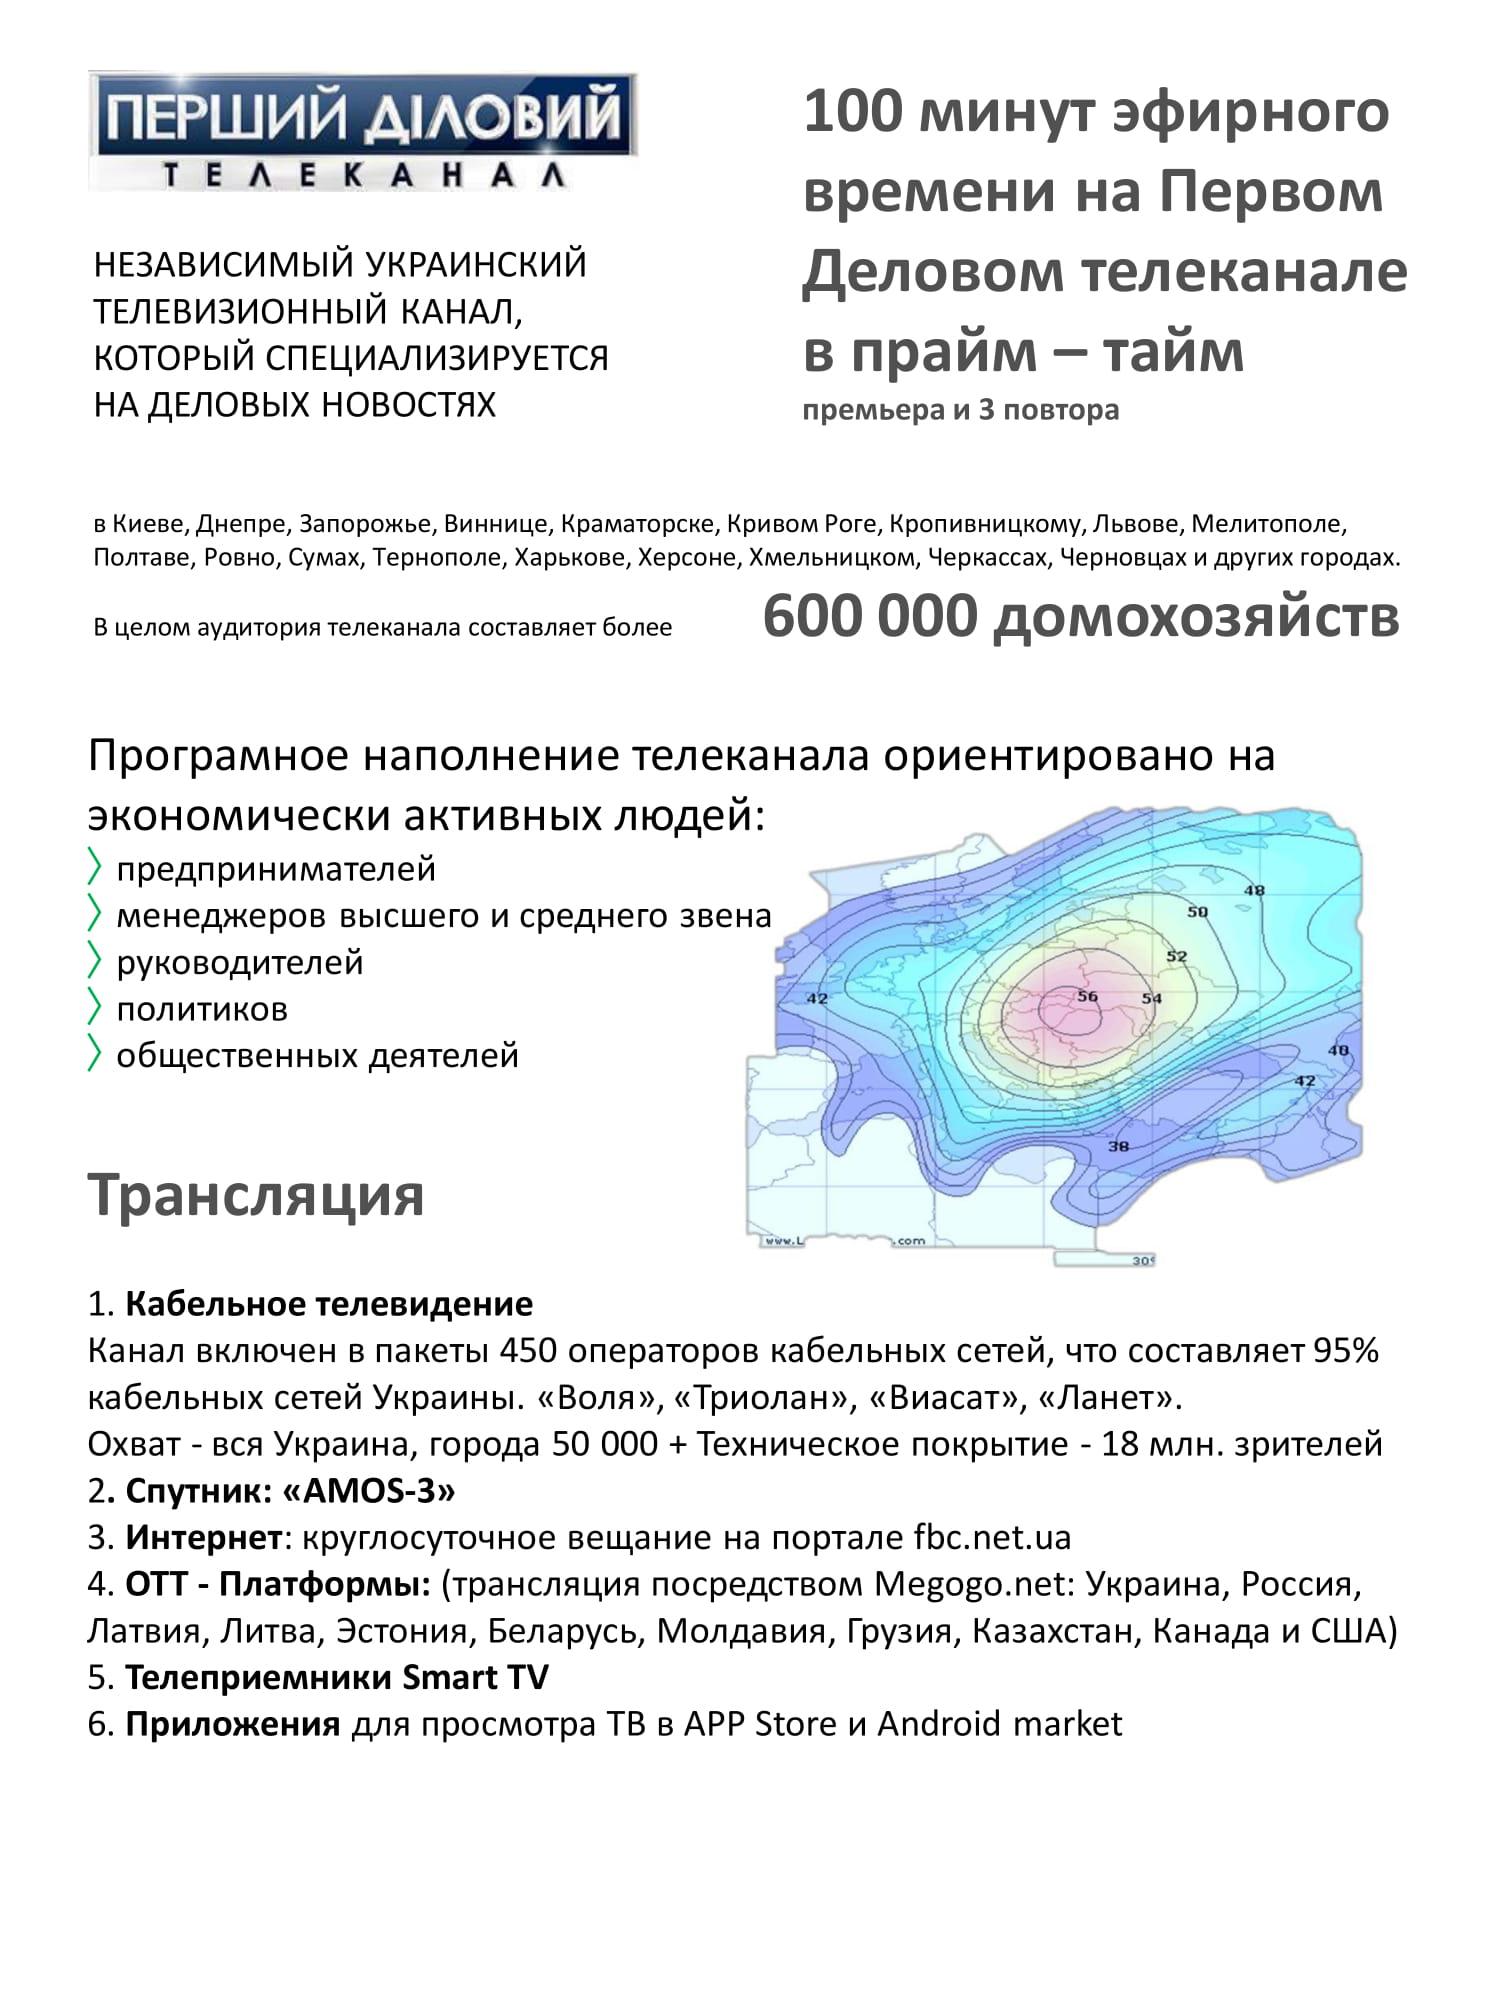 ОПЕН КЕЙС 5 СЕЗОН + Деловой-6